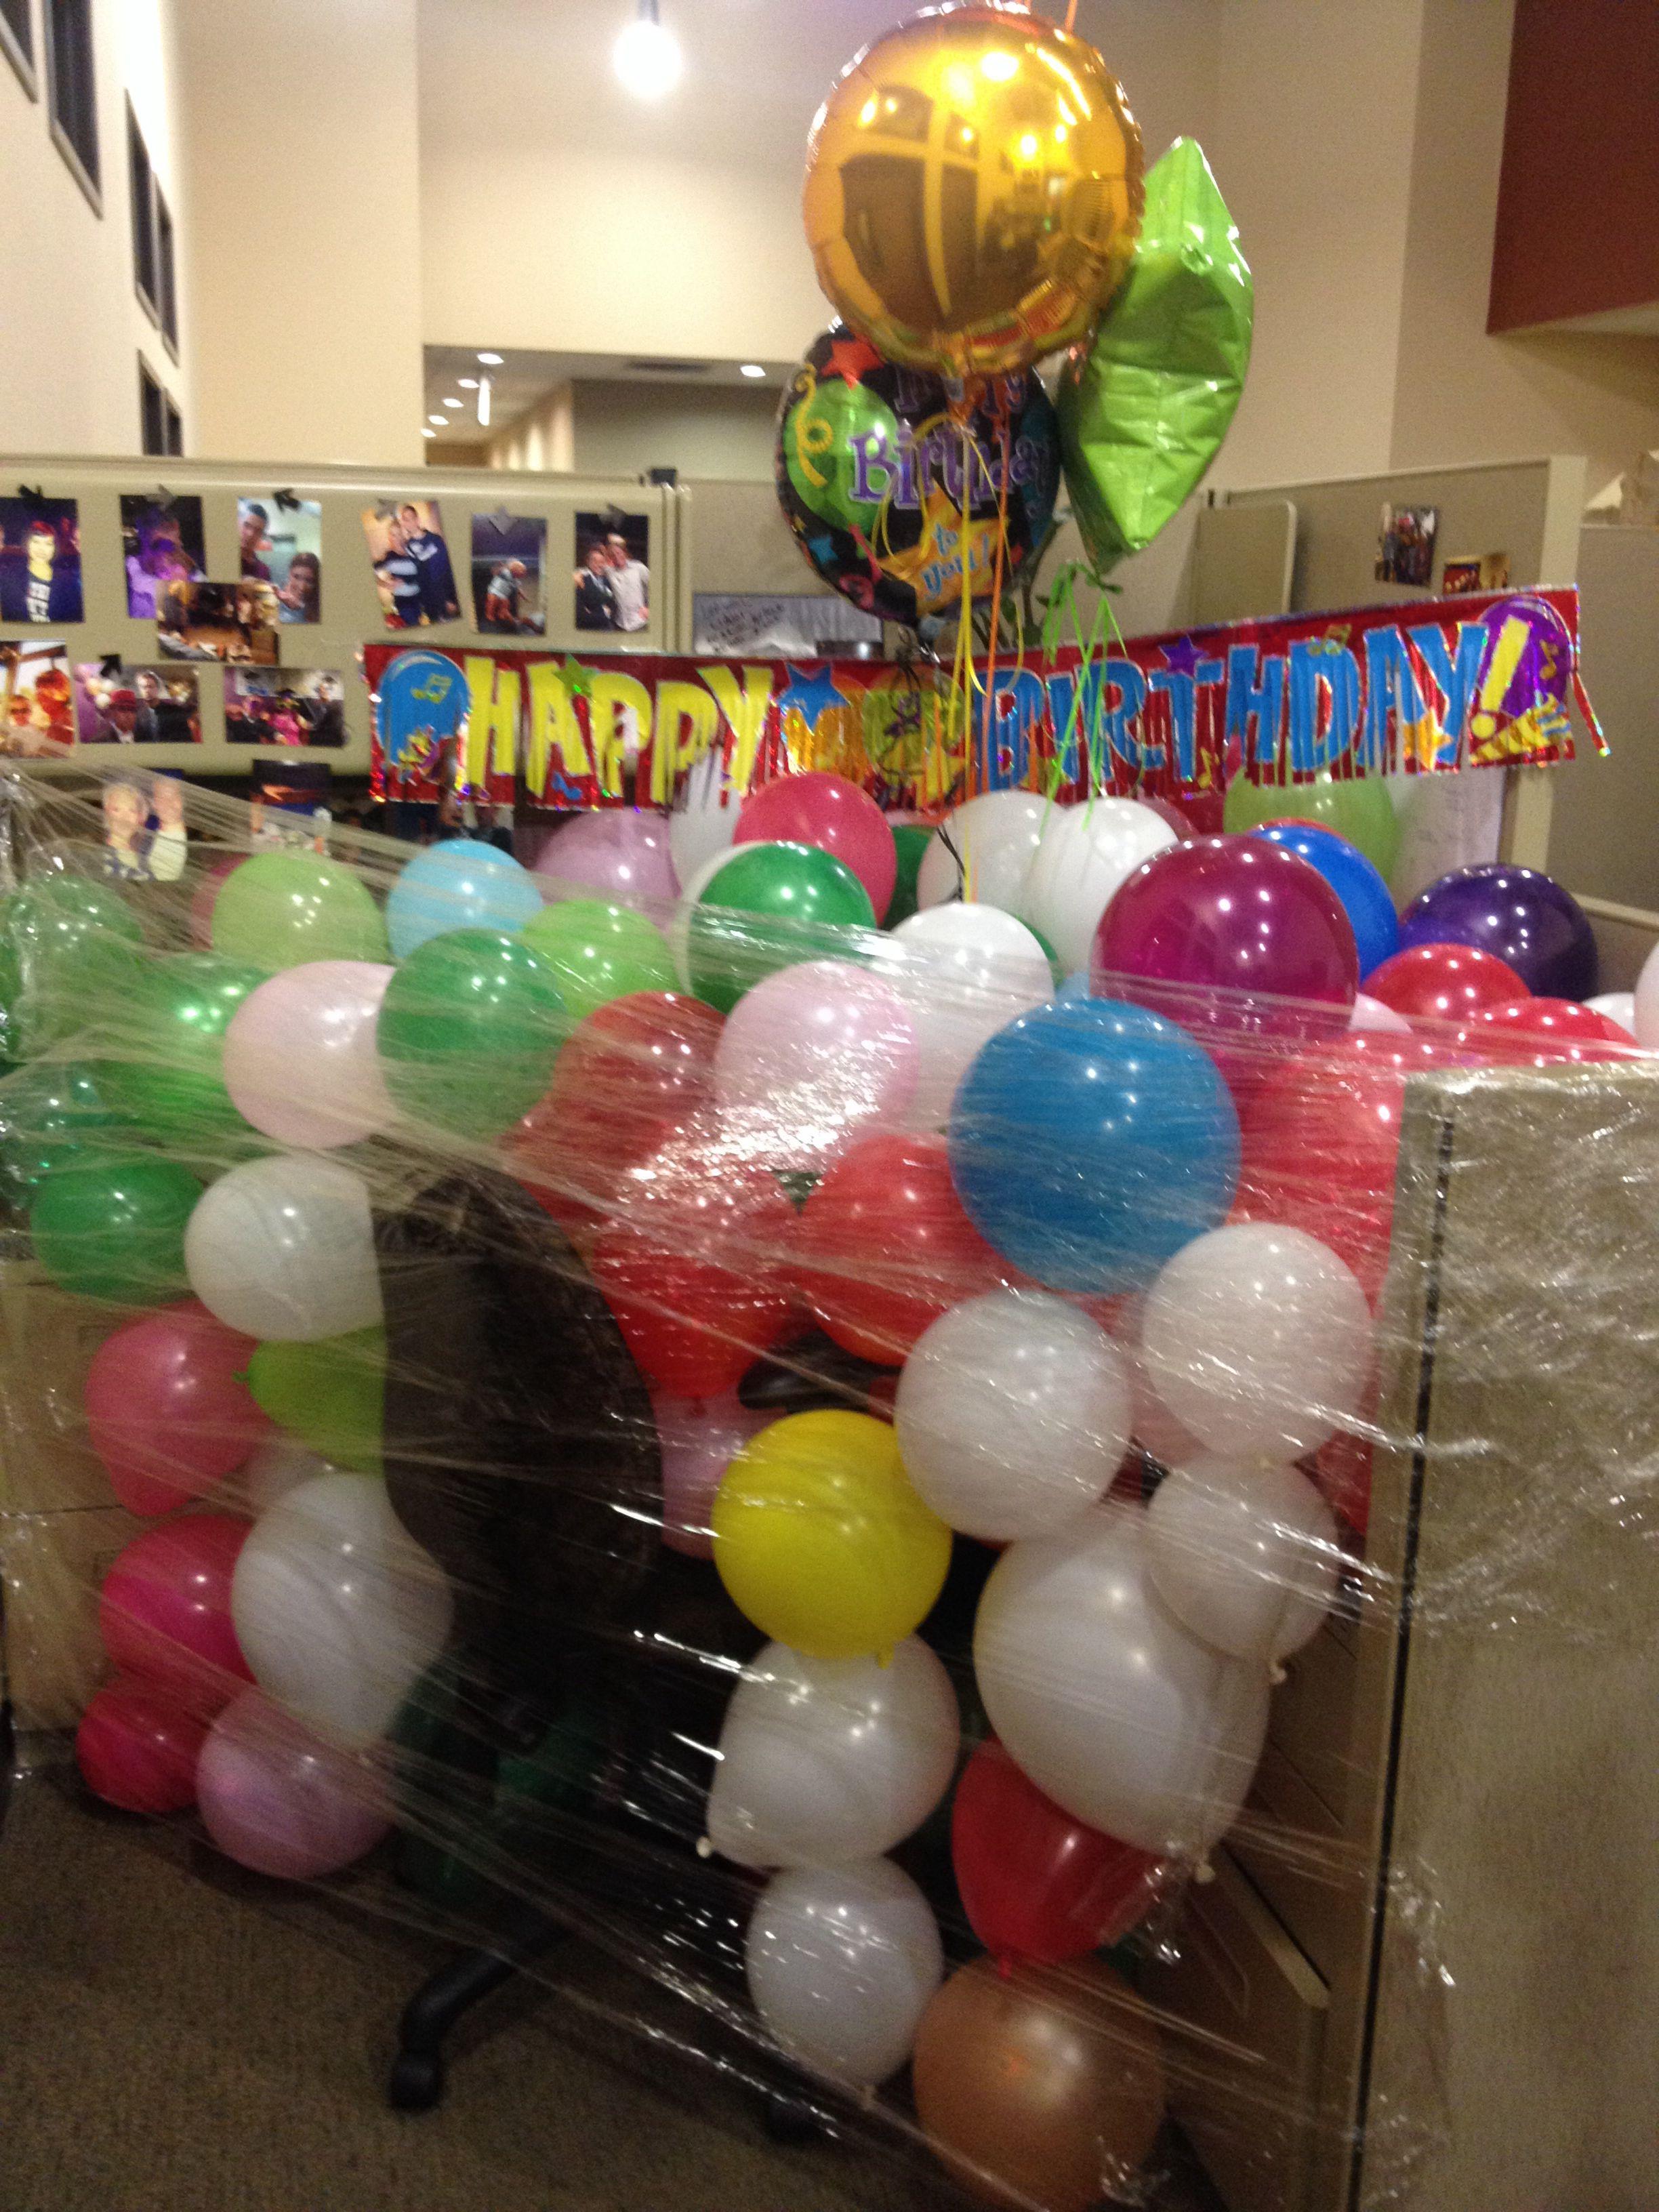 Happy birthday luke officepranks birthdaypranks